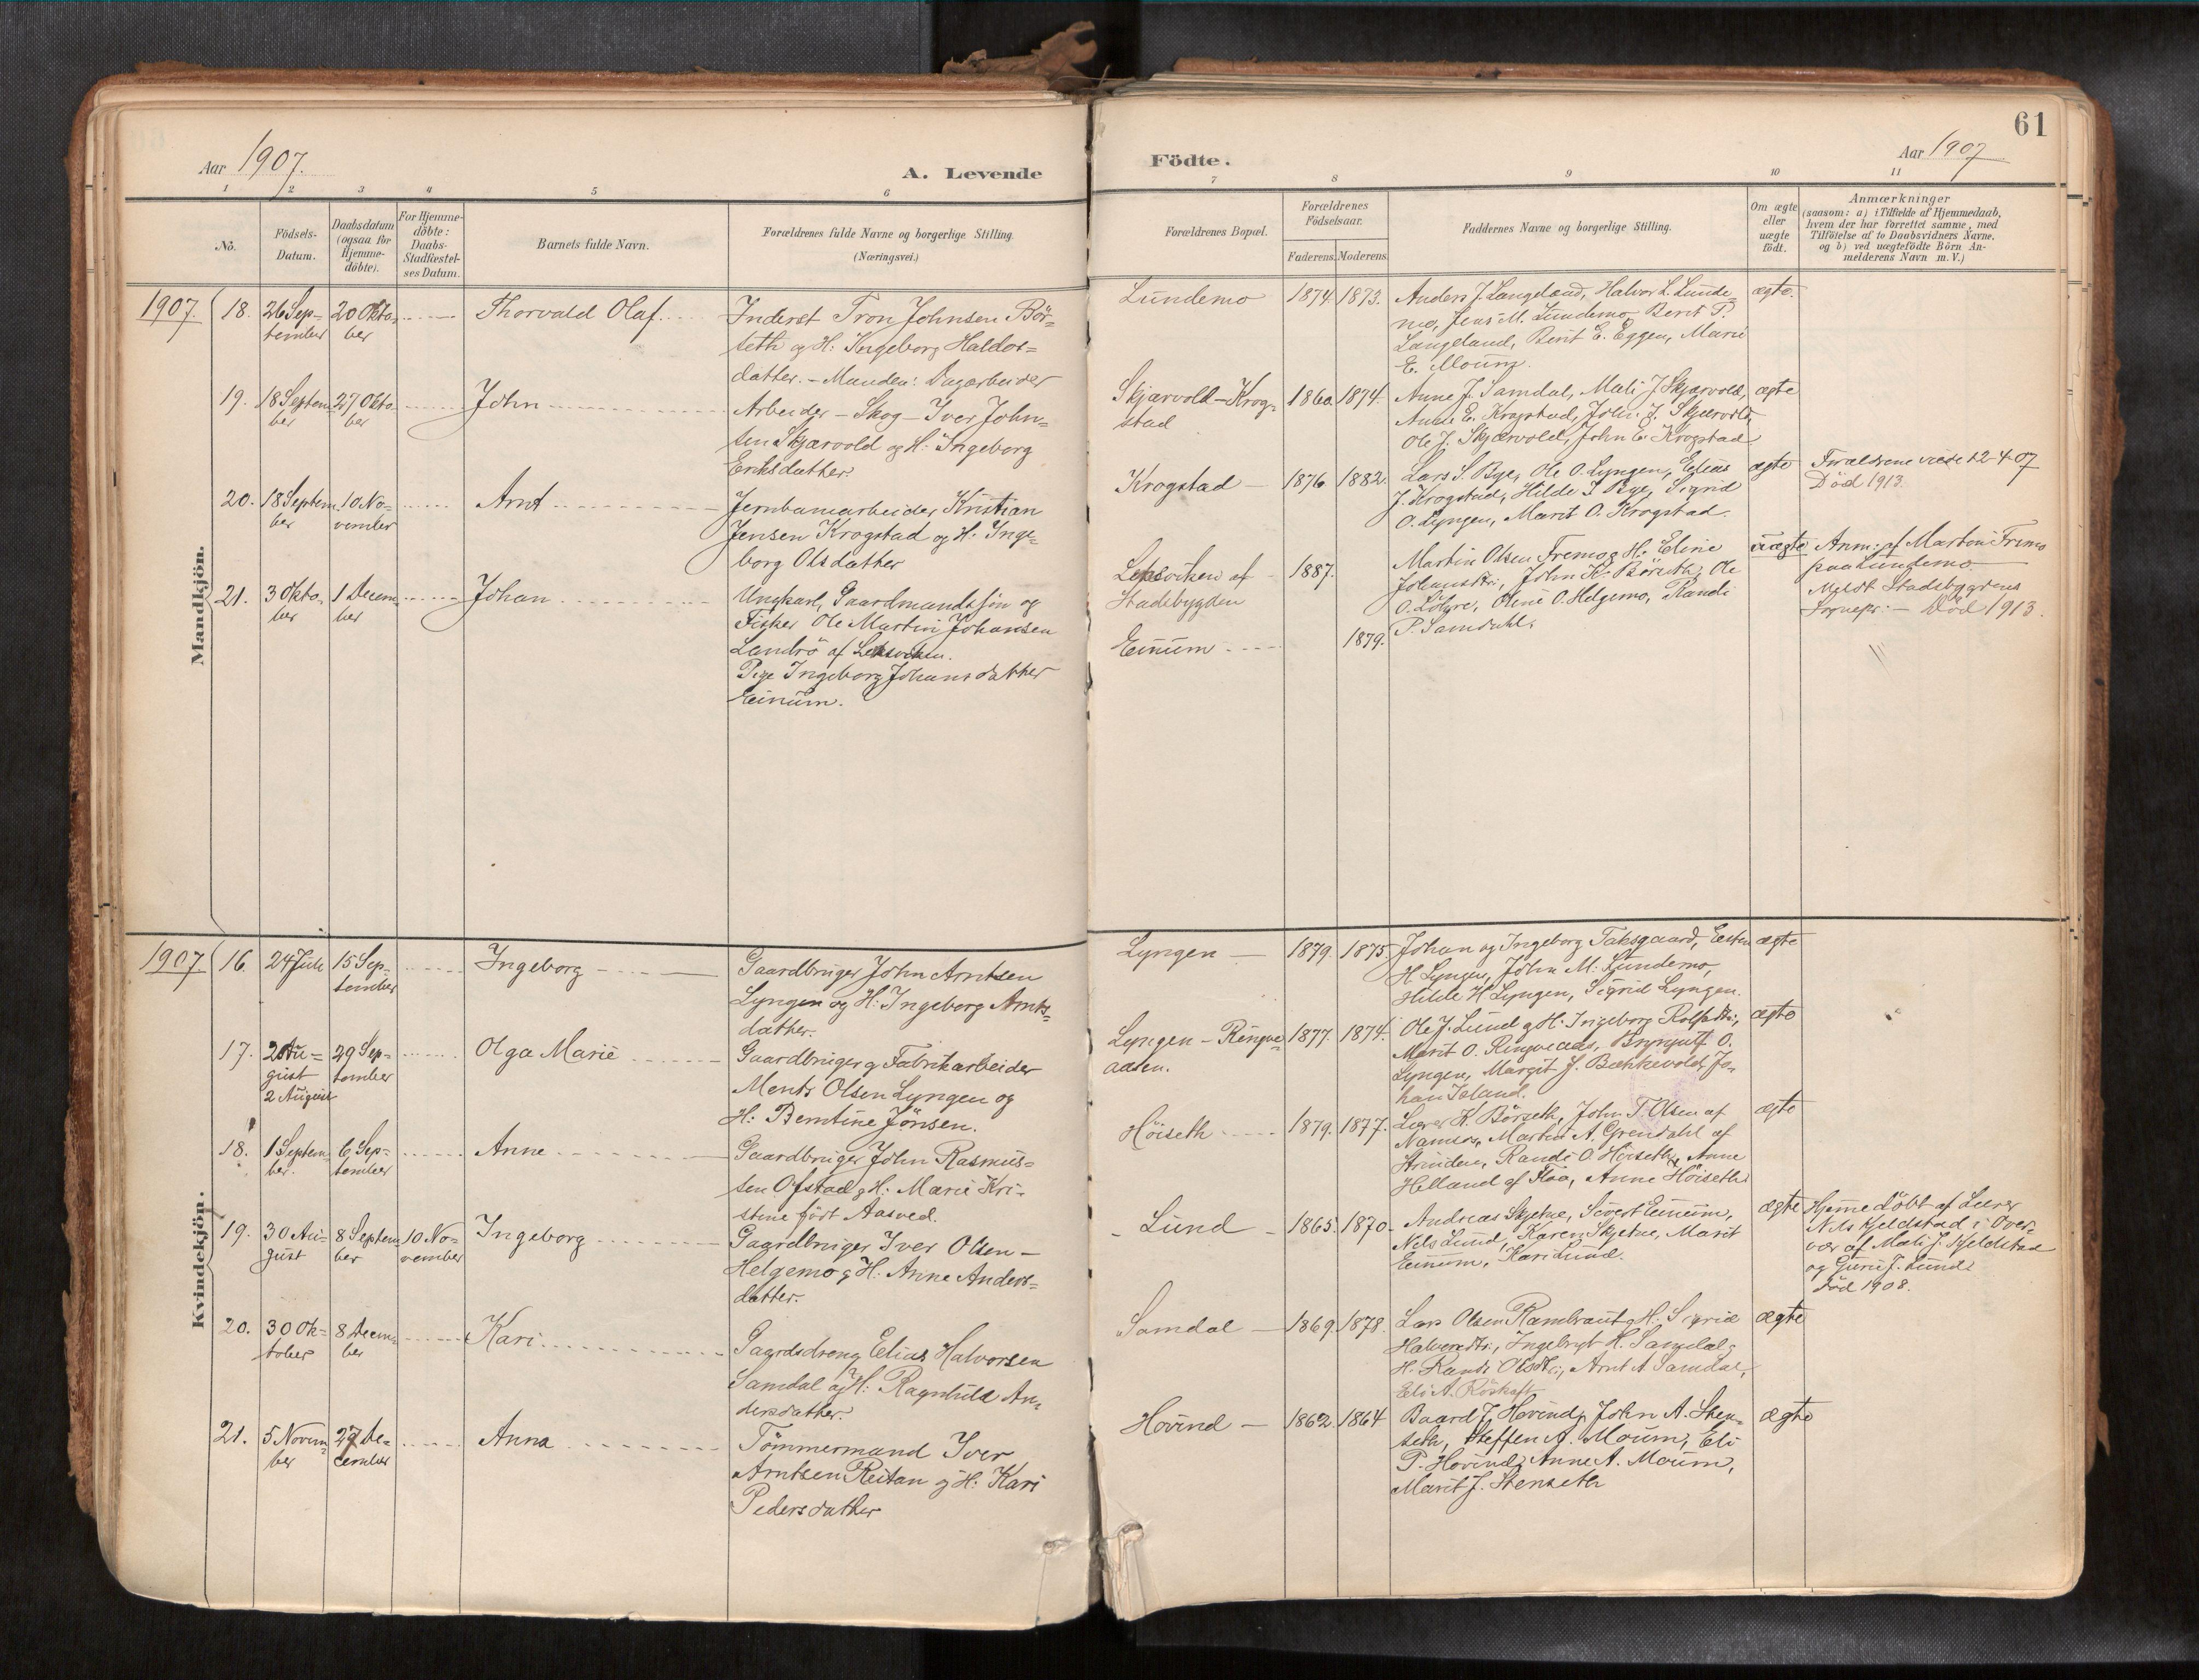 SAT, Ministerialprotokoller, klokkerbøker og fødselsregistre - Sør-Trøndelag, 692/L1105b: Ministerialbok nr. 692A06, 1891-1934, s. 61